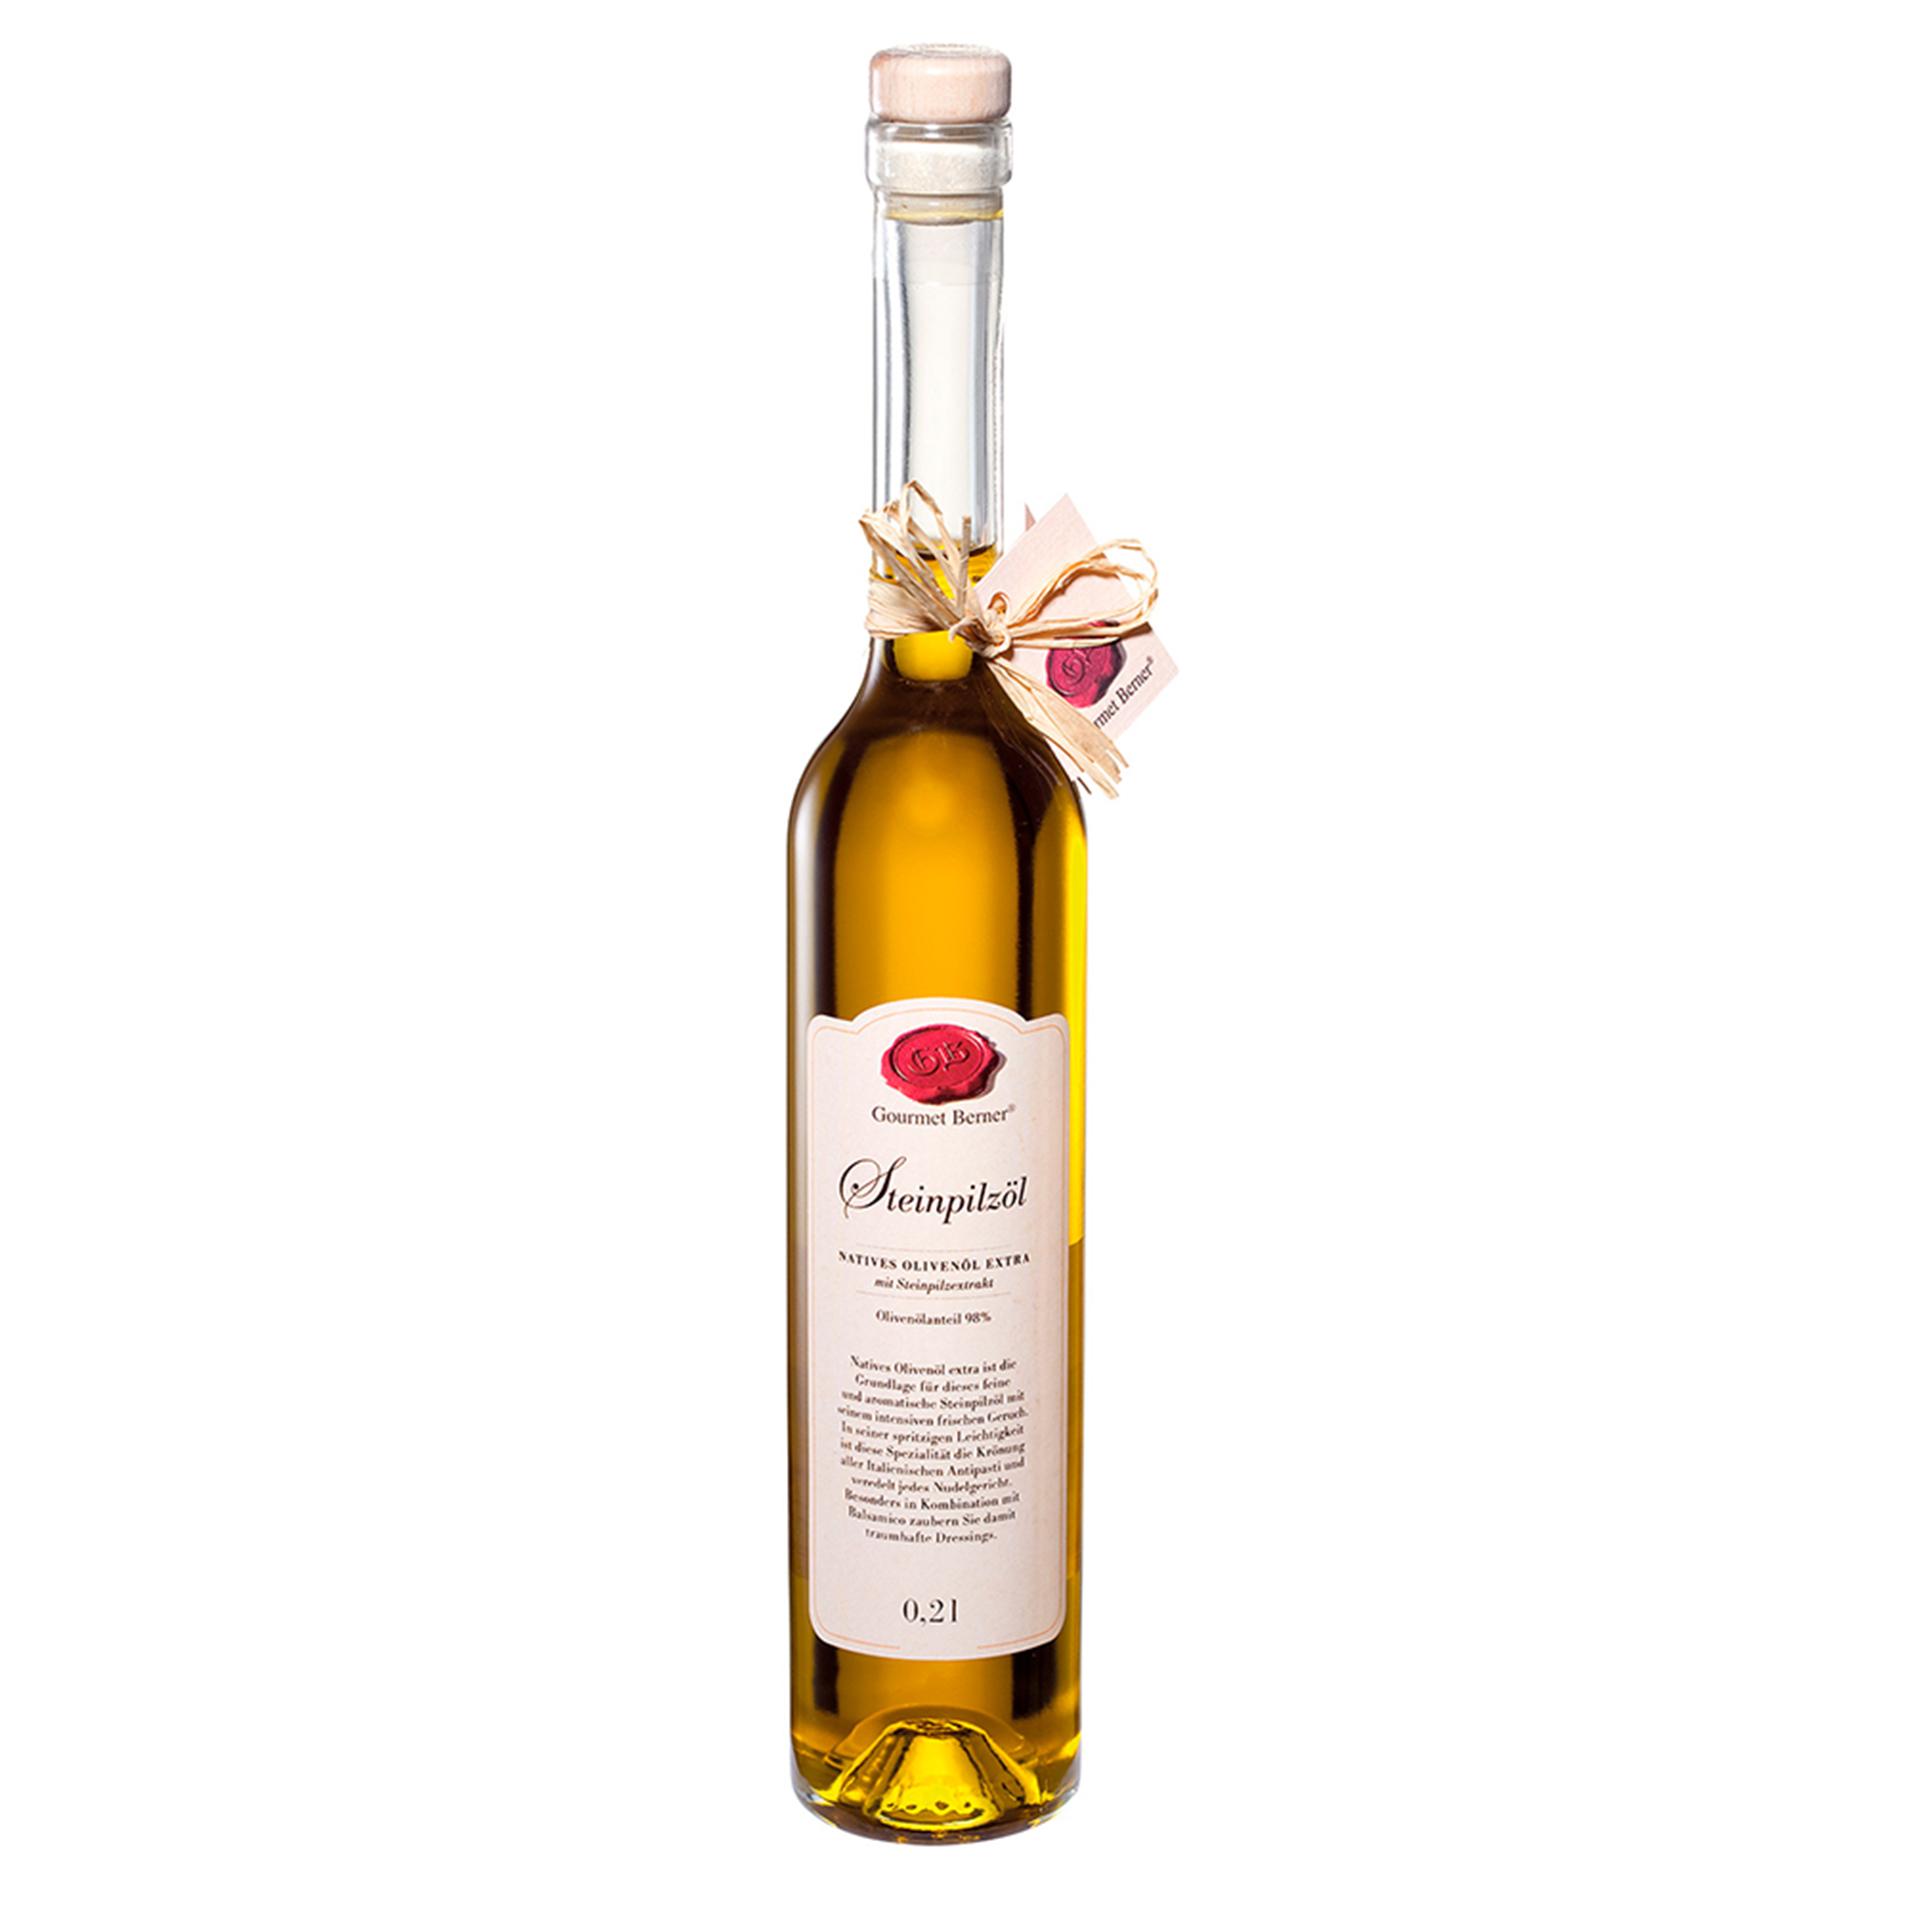 Gourmet Berner - Steinpilzöl 0,2l